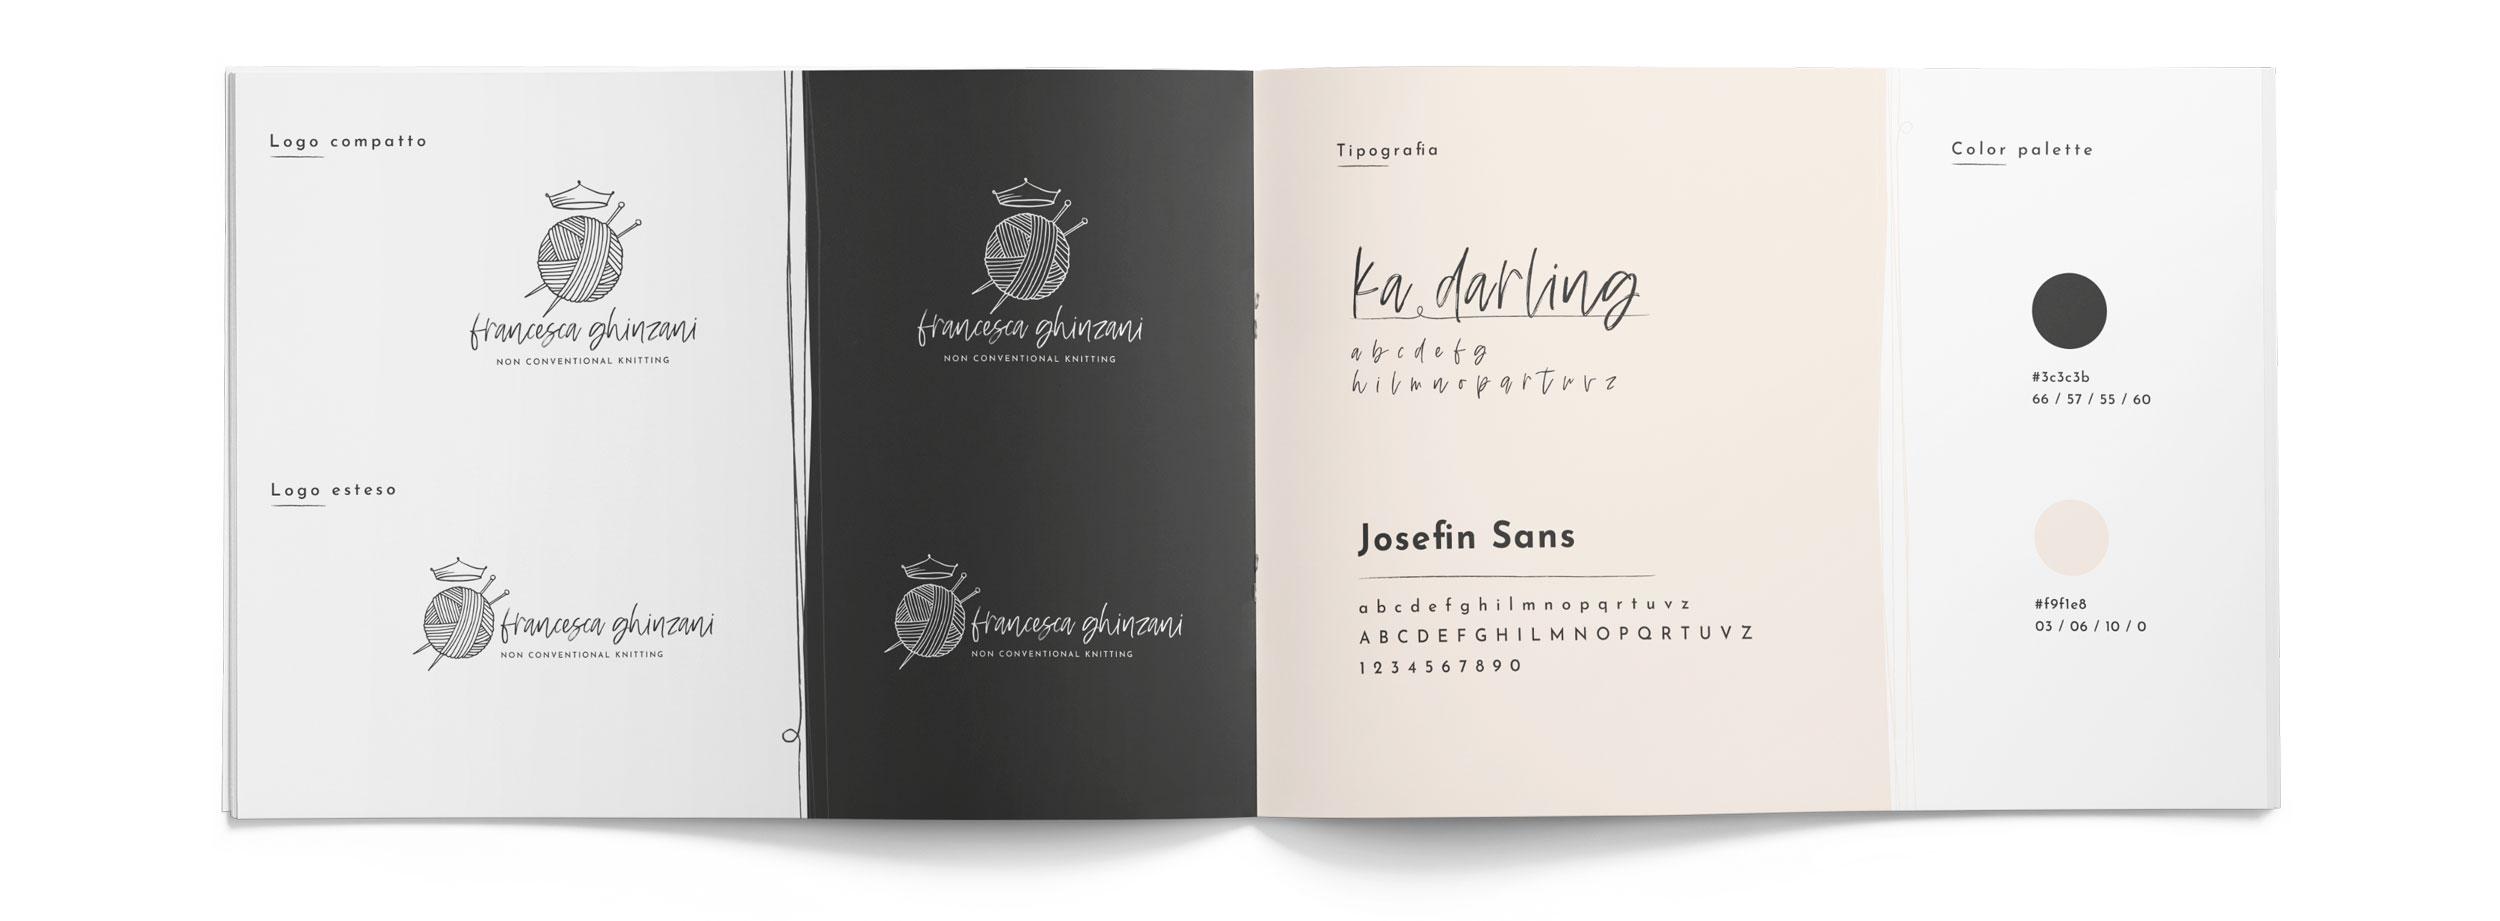 brand manual Francesca Ghinzani con logo font e palette colori